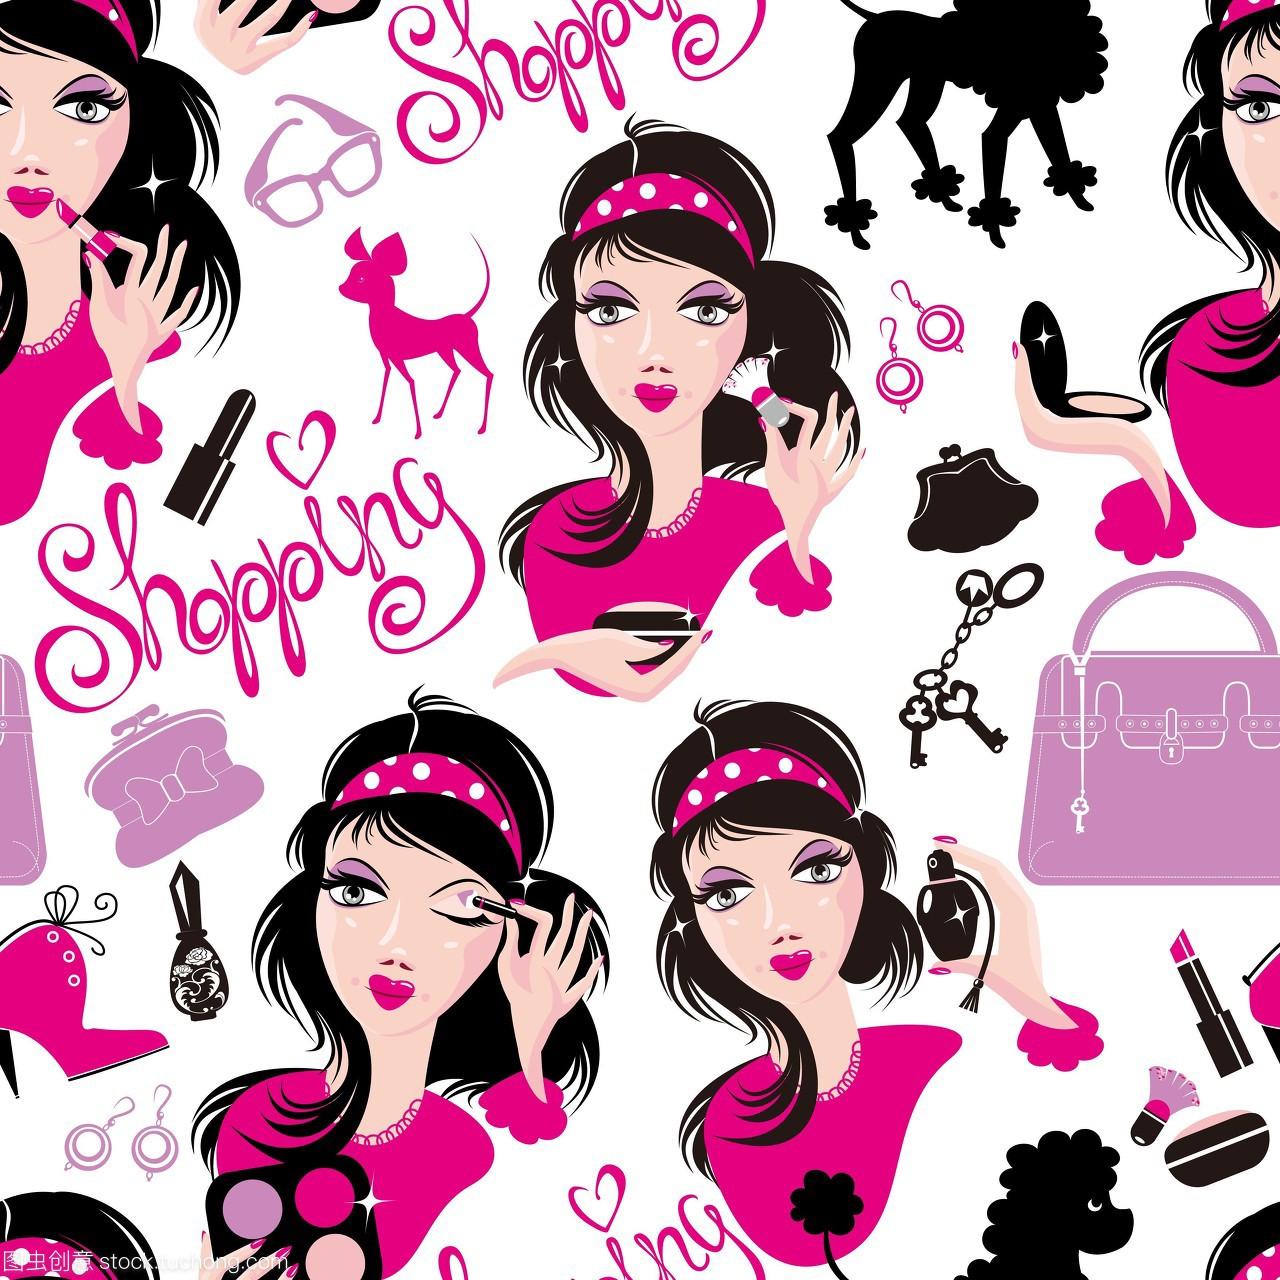 尚,脸红,酡颜,雅致,唇膏,漫画,生活方式,刷子,男生粉色被迫嘴唇图片